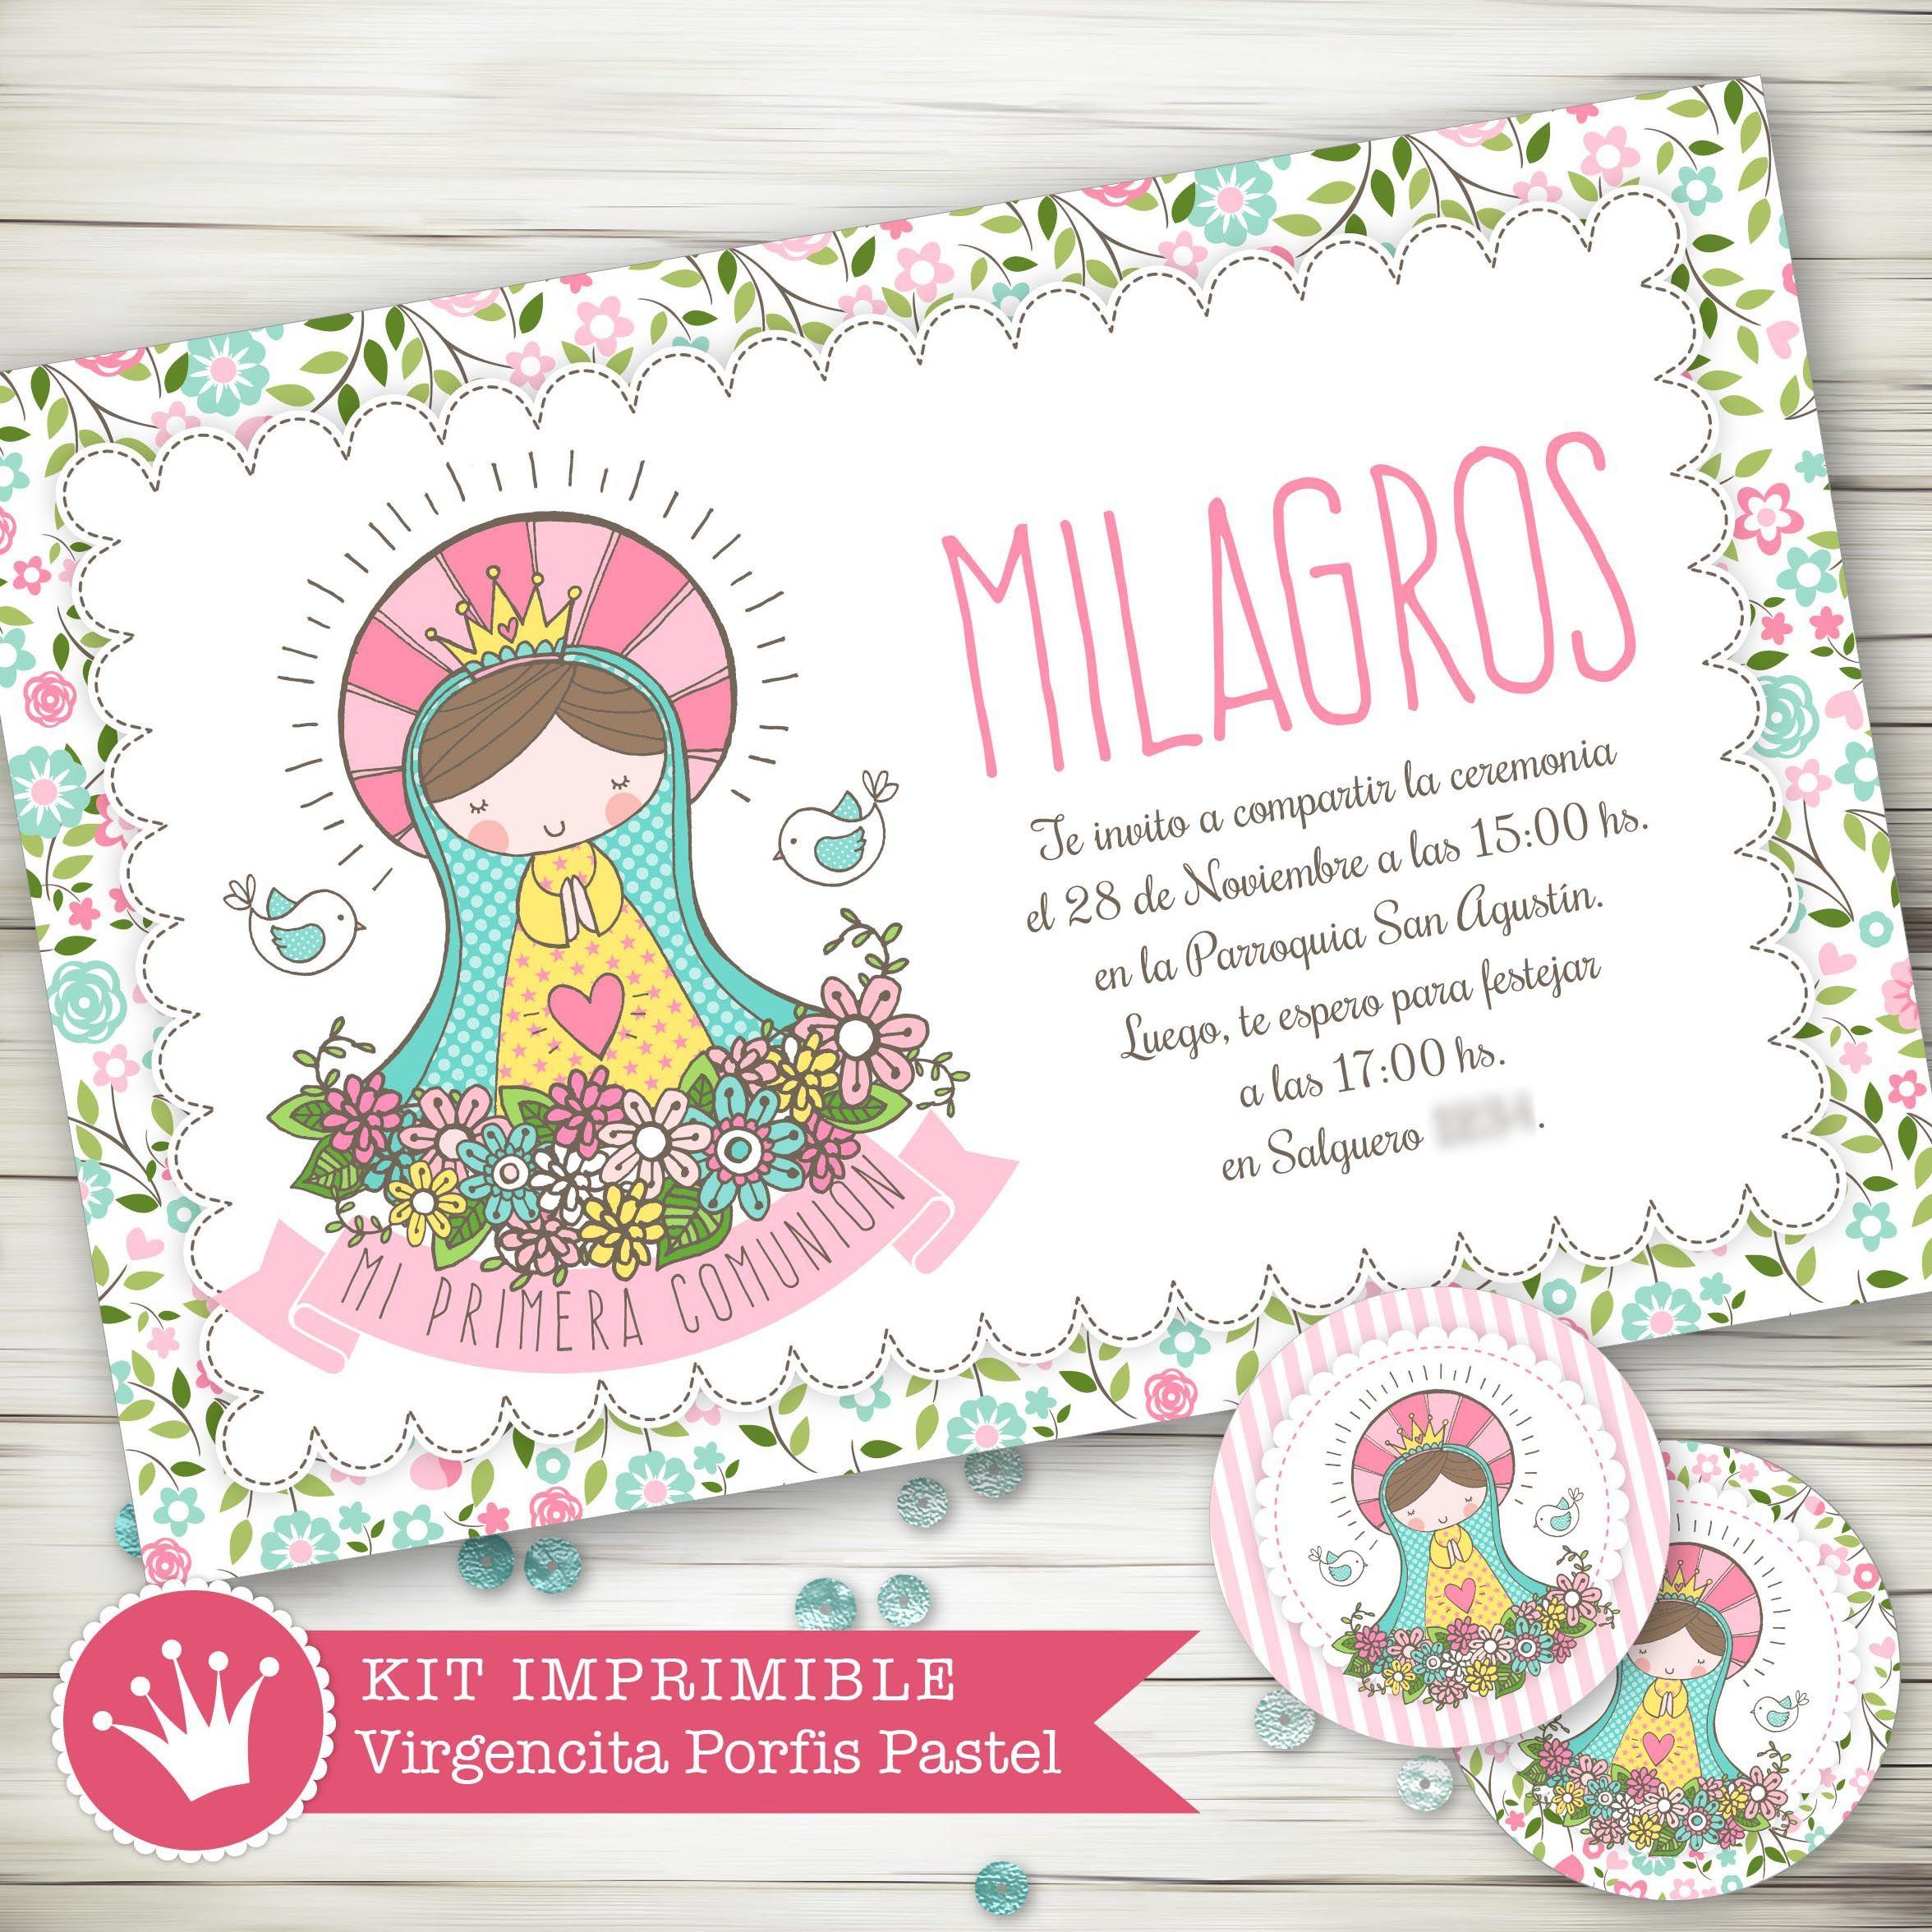 5fd87da8579 ... invitaciones niño niña gemelos. Source · Kit imprimible digital  virgencita porfis